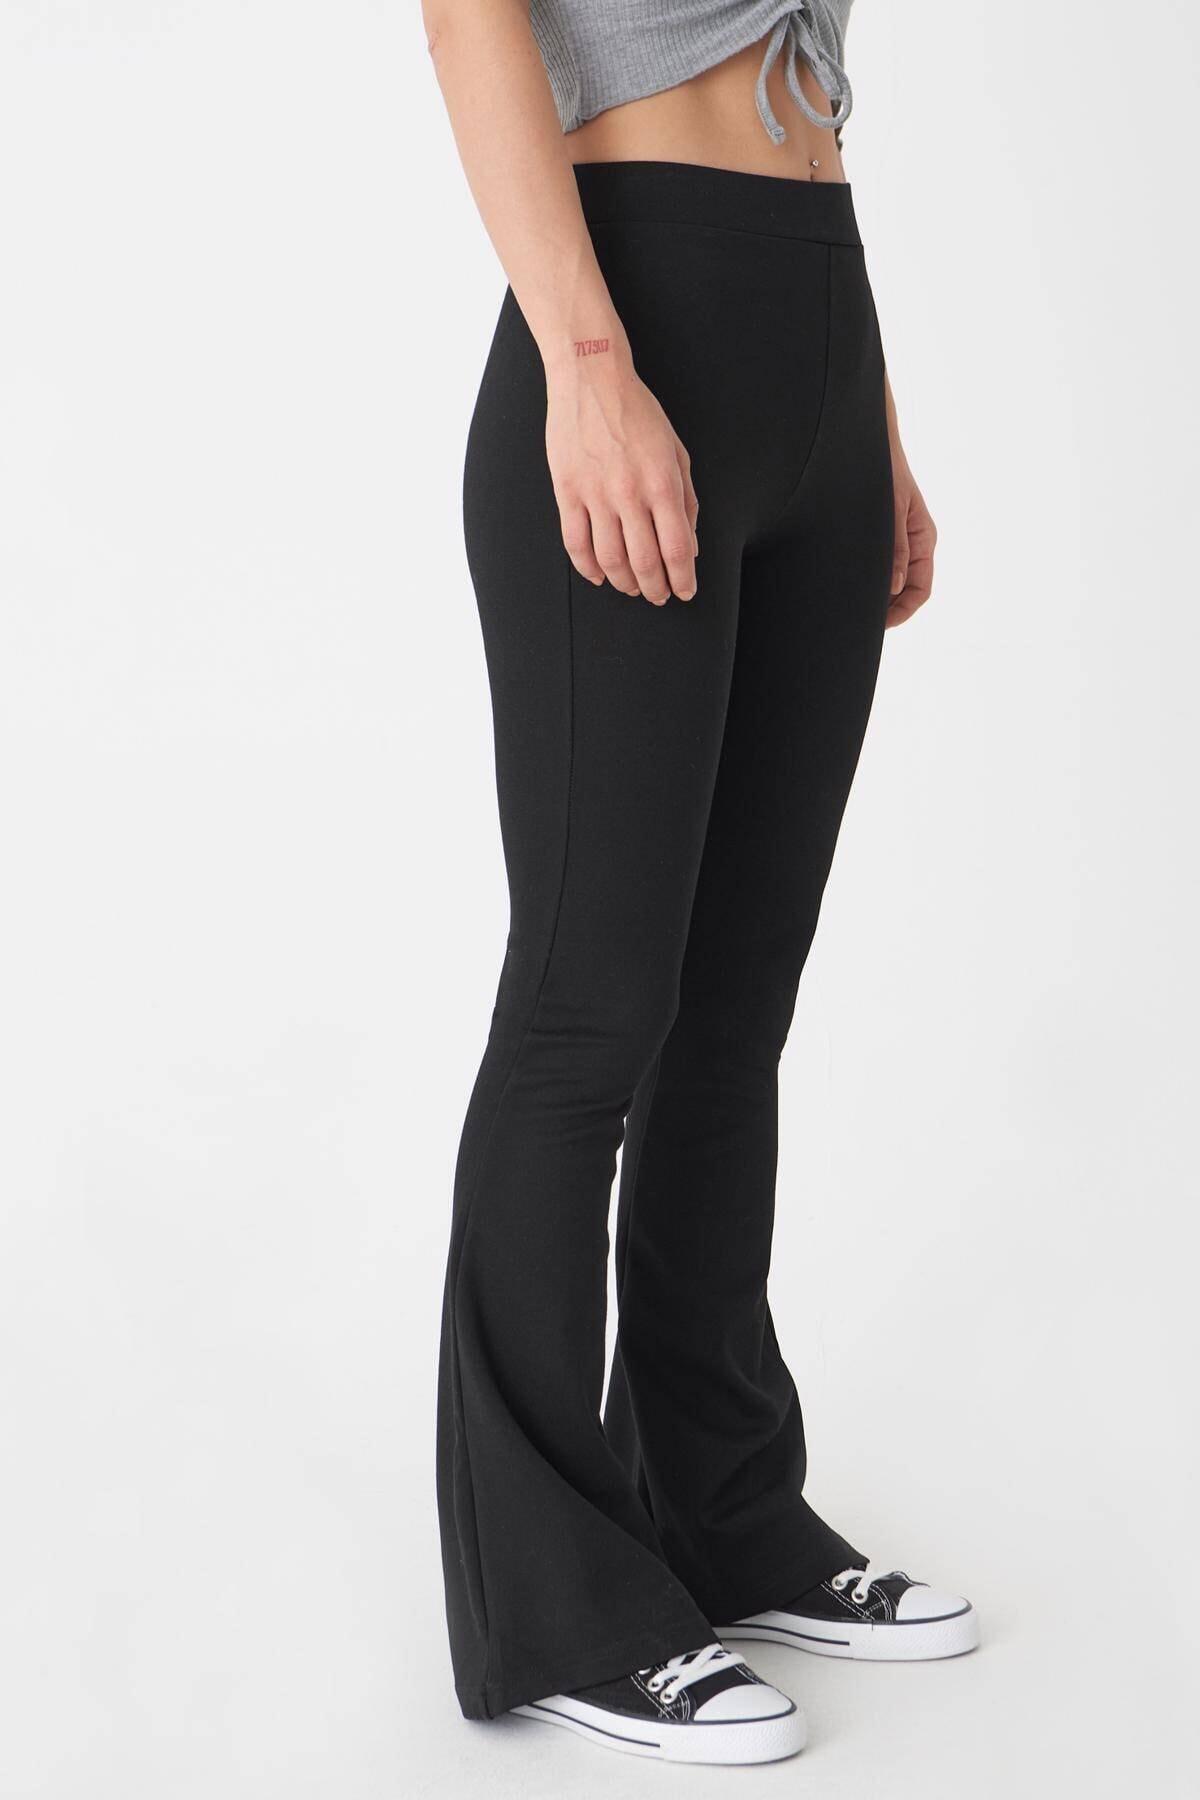 Addax Kadın Siyah İspanyol Paça Tayt Pantolon 2